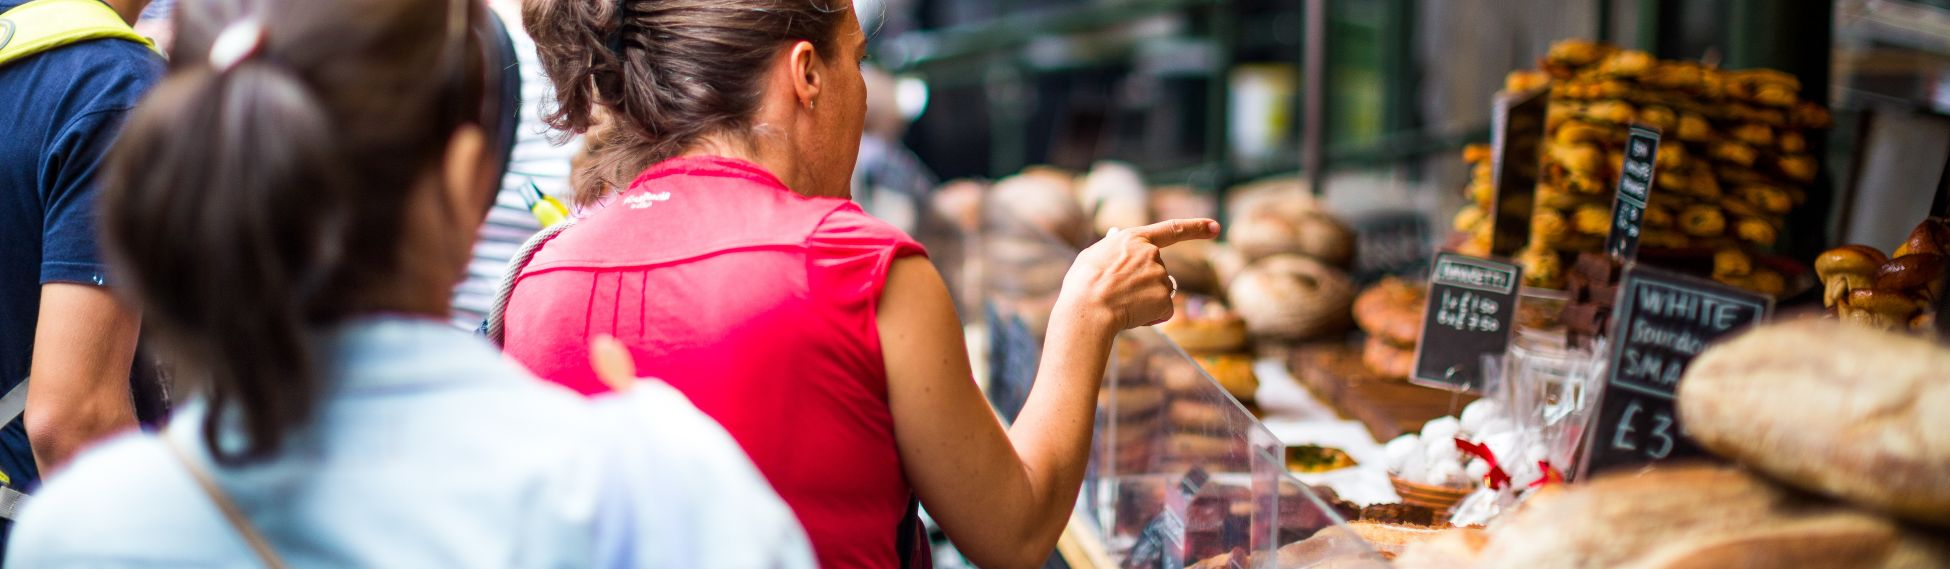 woman at a food market